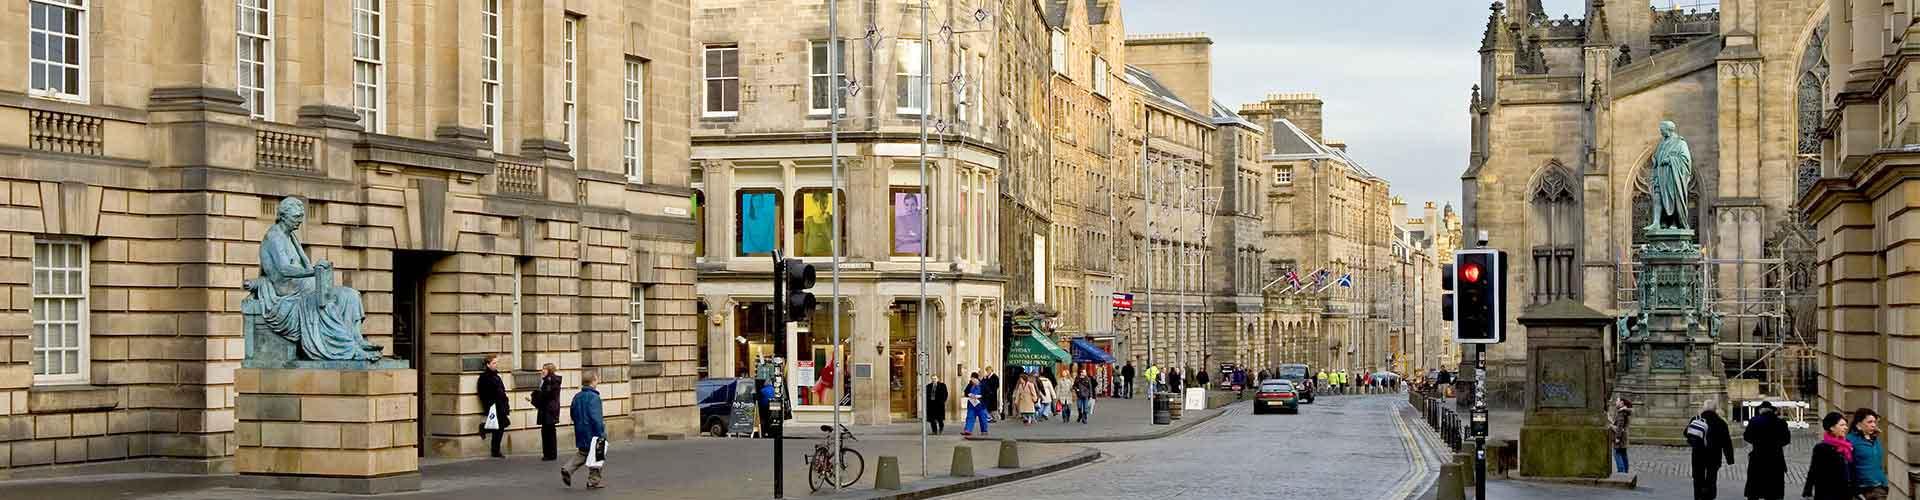 Edinburgh – Hostellit kaupungiosassa High Street. Edinburgh -karttoja, valokuvia ja arvosteluja kaikista Edinburgh -hostelleista.